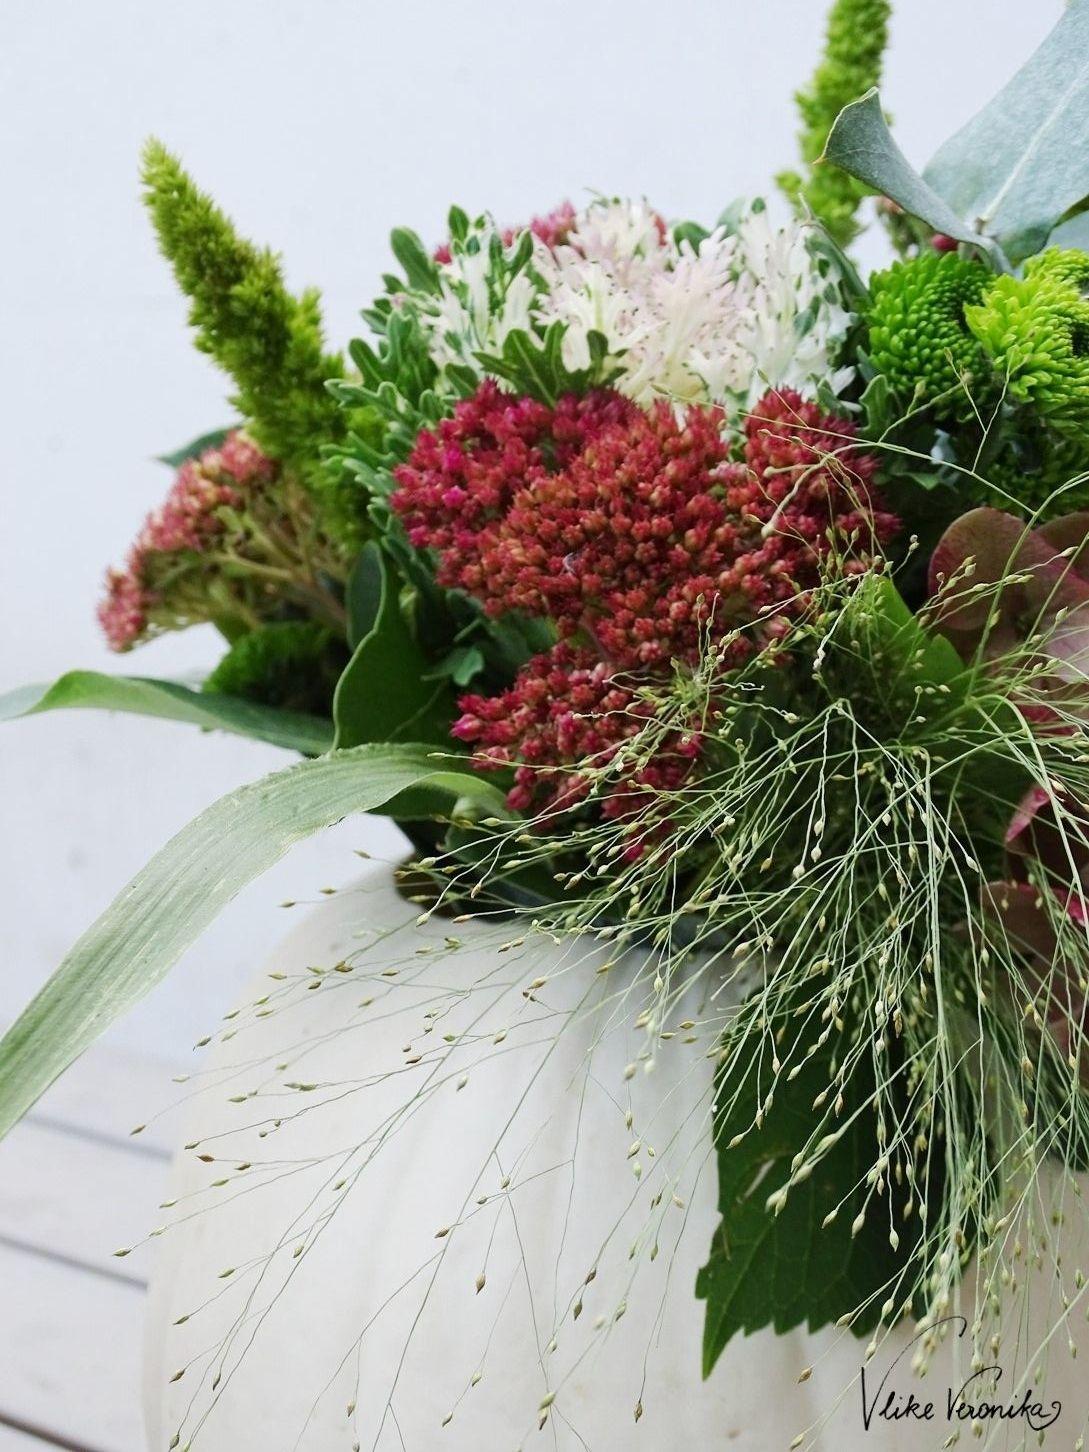 Zarte Gräser und wuchtige Herbstblumen - so schön kann Blumendeko im Kürbis sein.